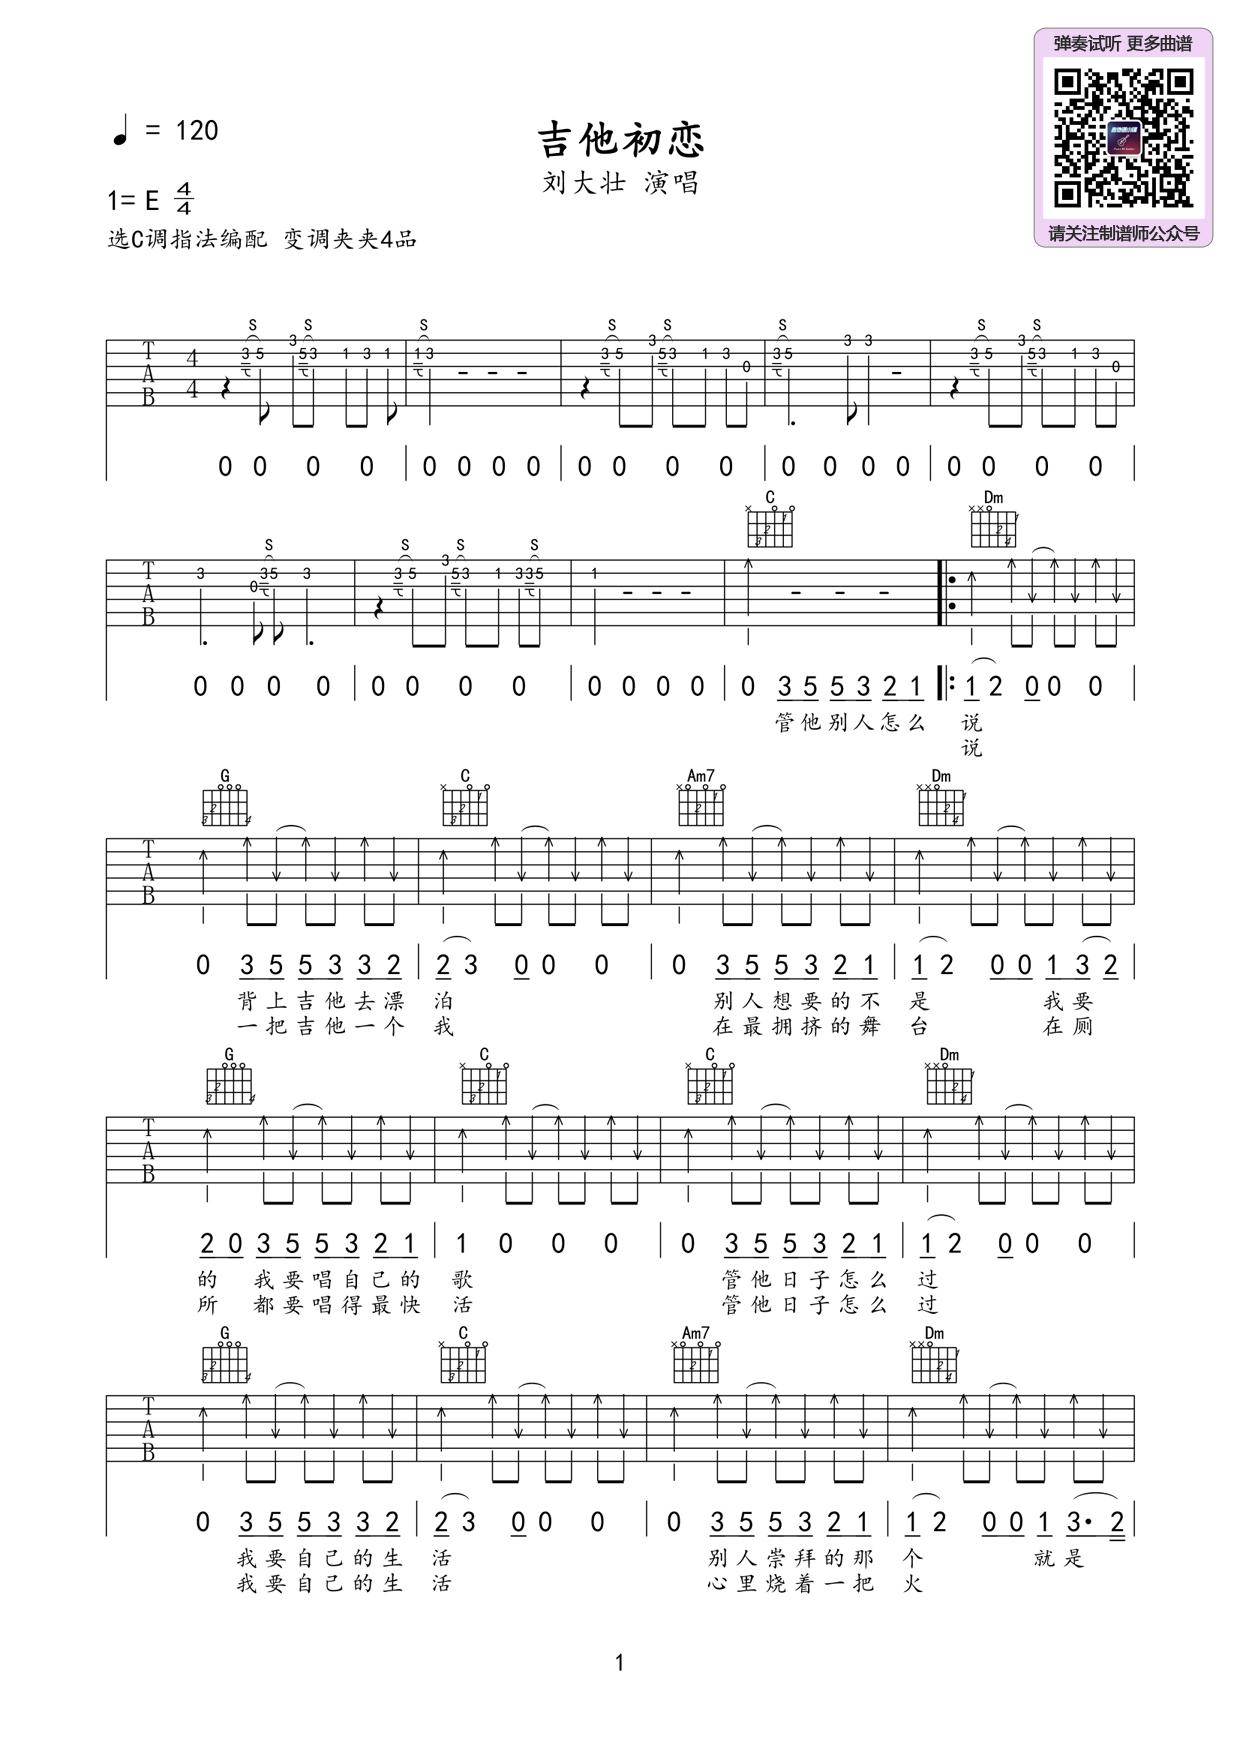 吉他初恋(简单版弹唱谱)吉他谱(图片谱,弹唱,伴奏,改编版)_刘大壮_吉他初恋1.jpg